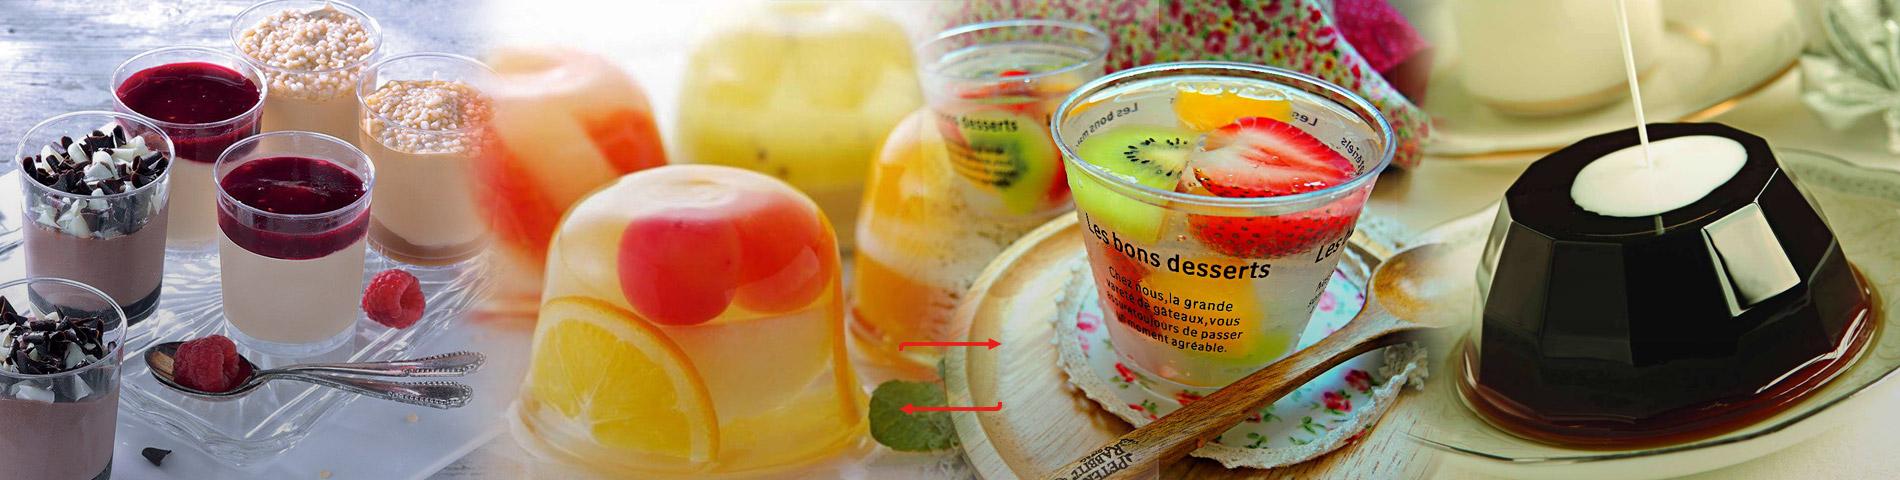 Tasse à dessert en plastique pour pudding